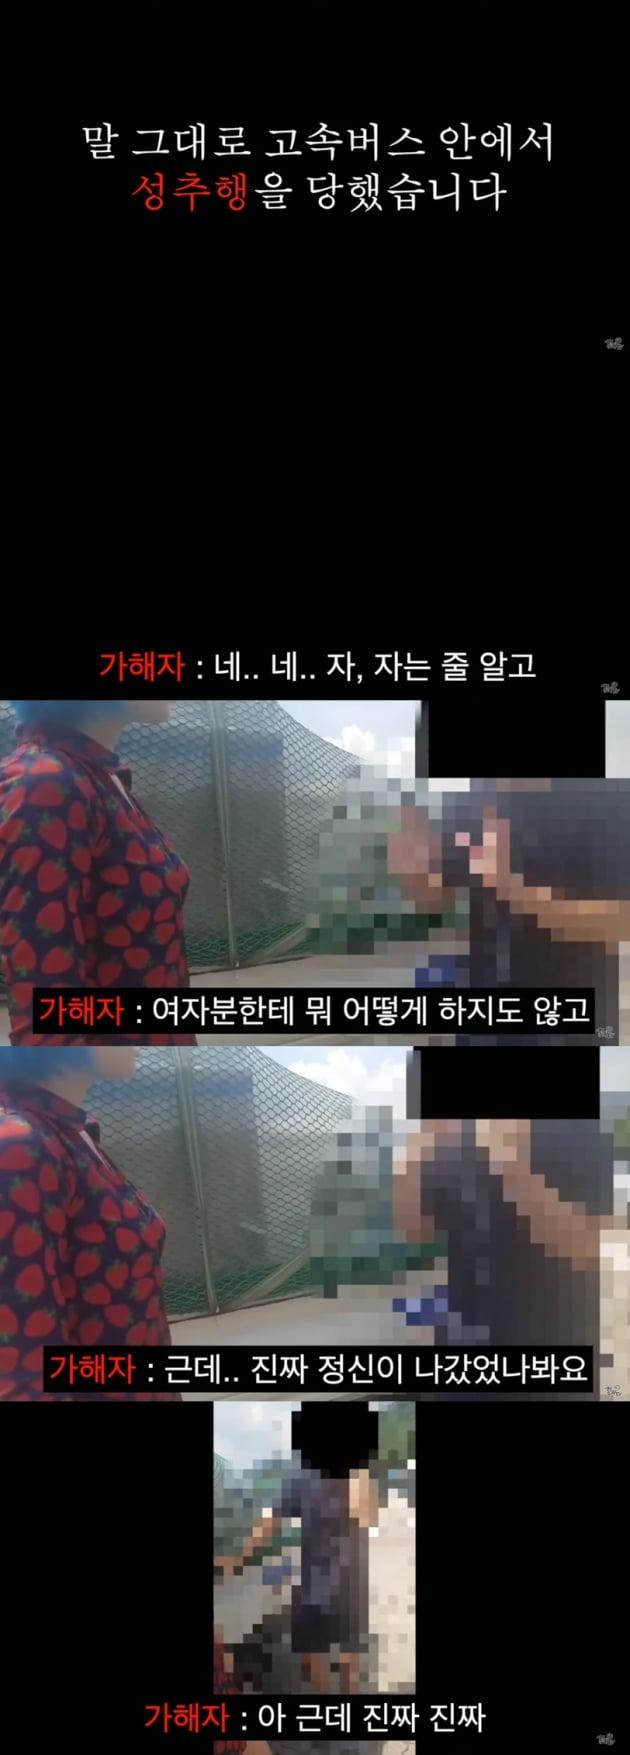 유튜버 꽁지 버스 성추행 피의자 잡아 /사진=유튜브 캡쳐